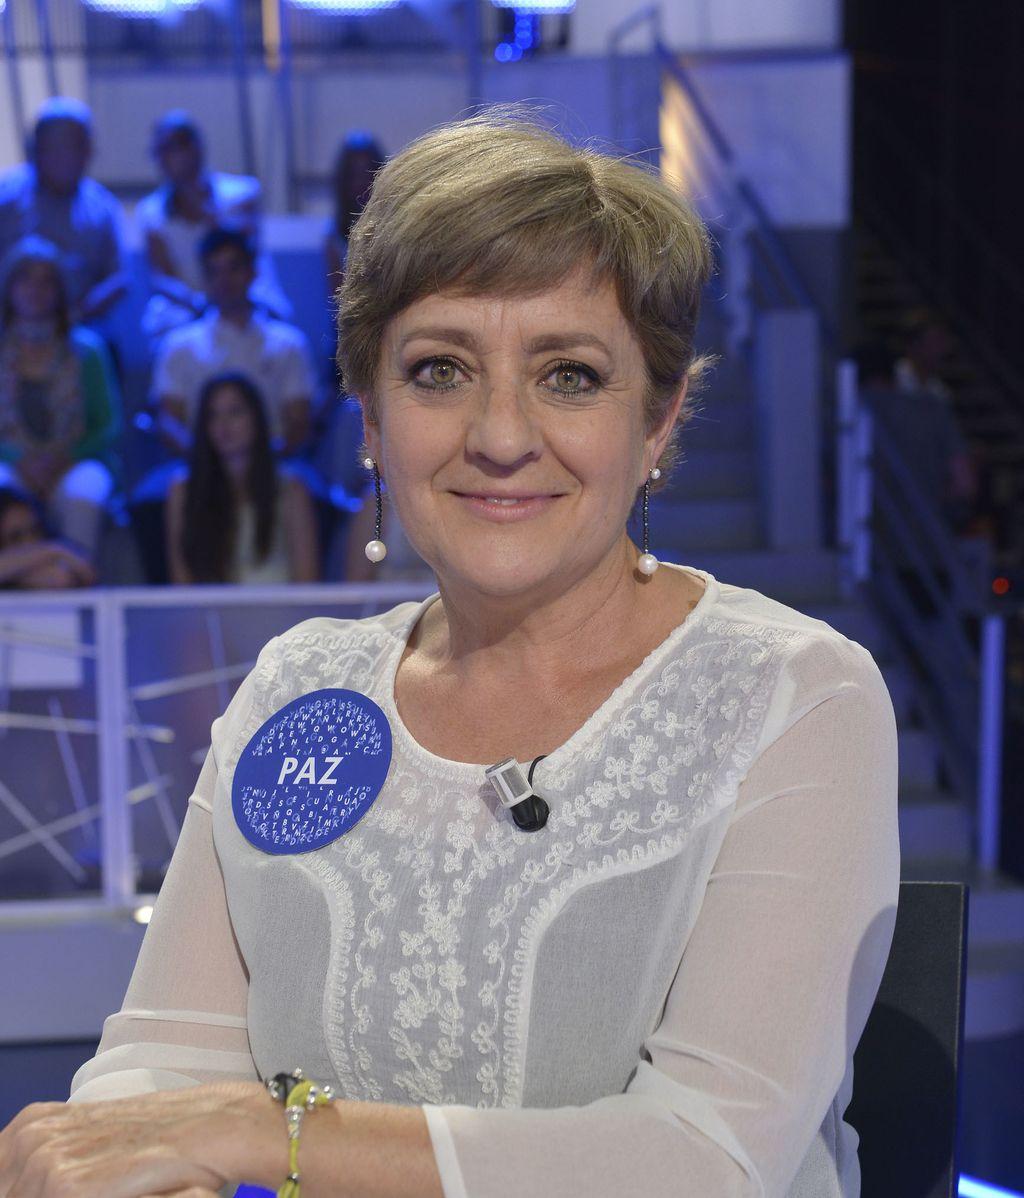 Paz Herera